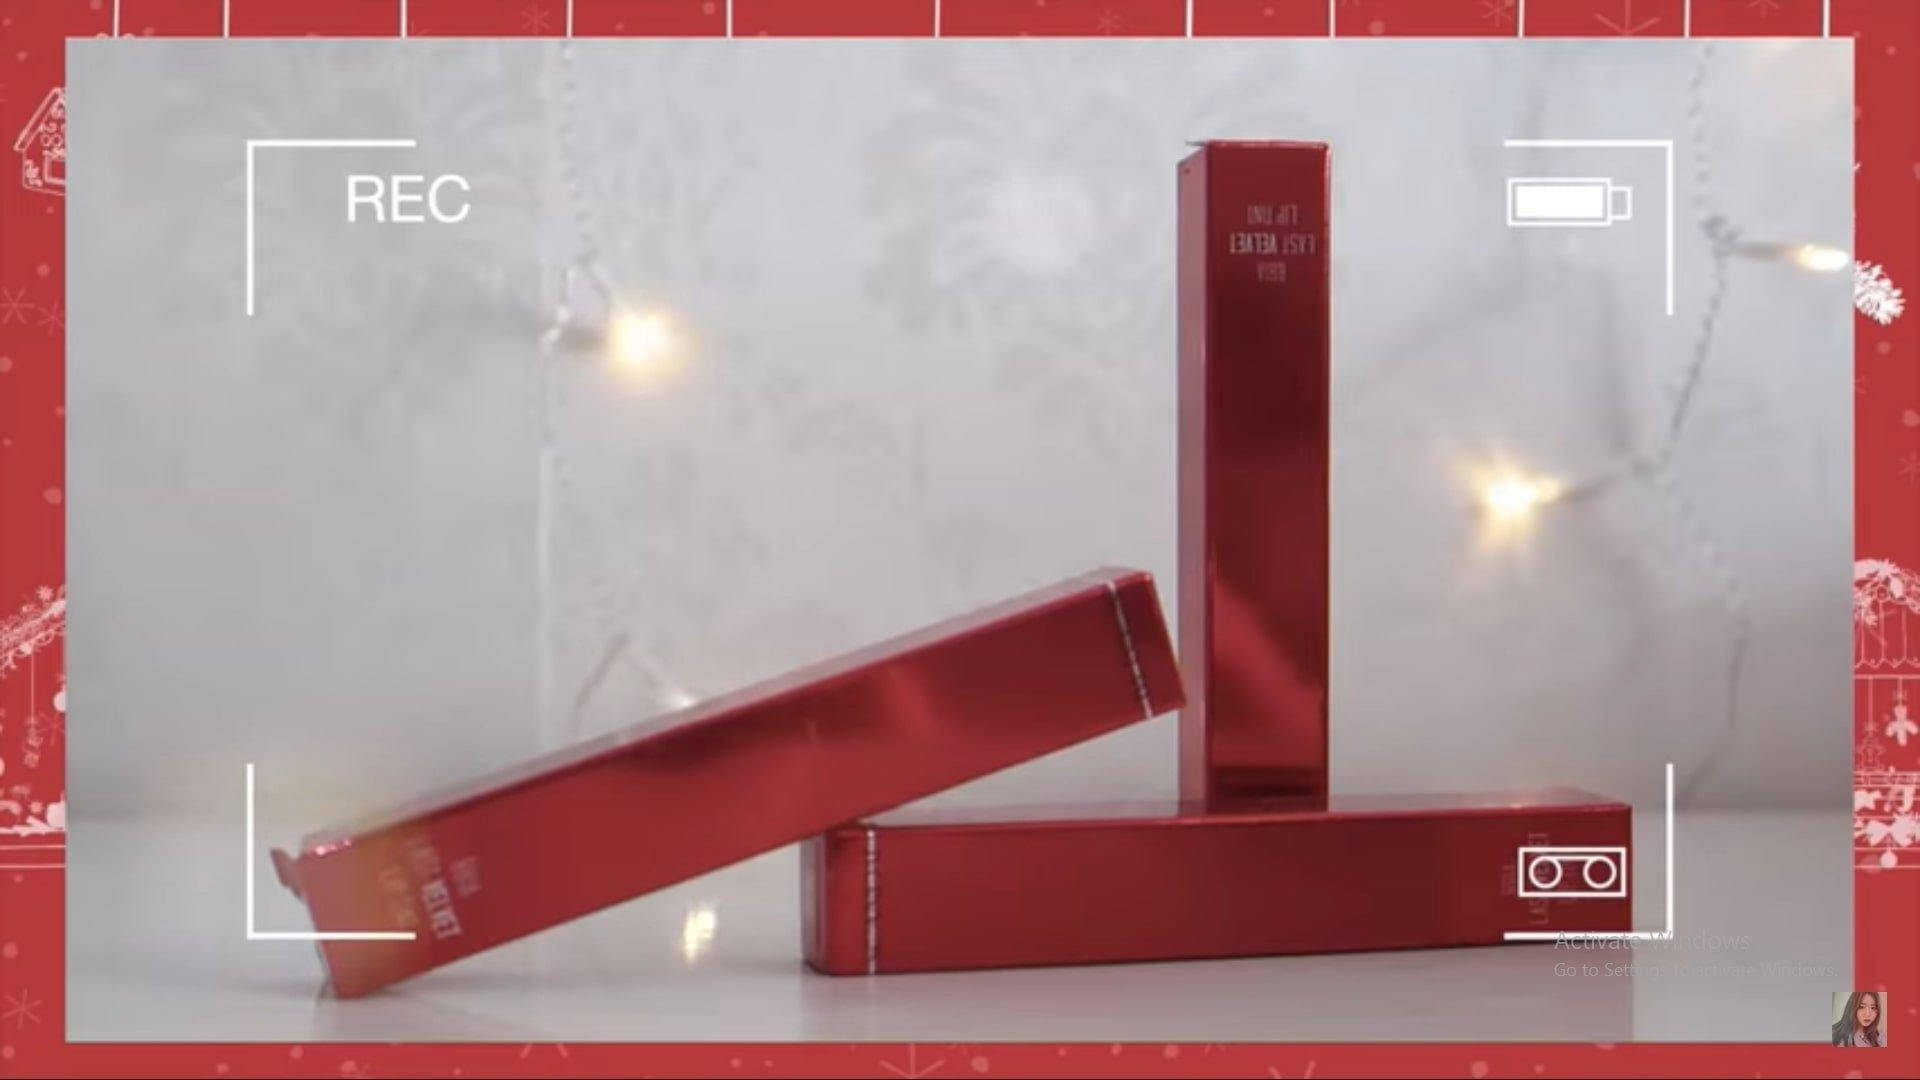 Vỏ giấy tone đỏ rực bắt mắt của BBIA version 7. (nguồn: Internet)